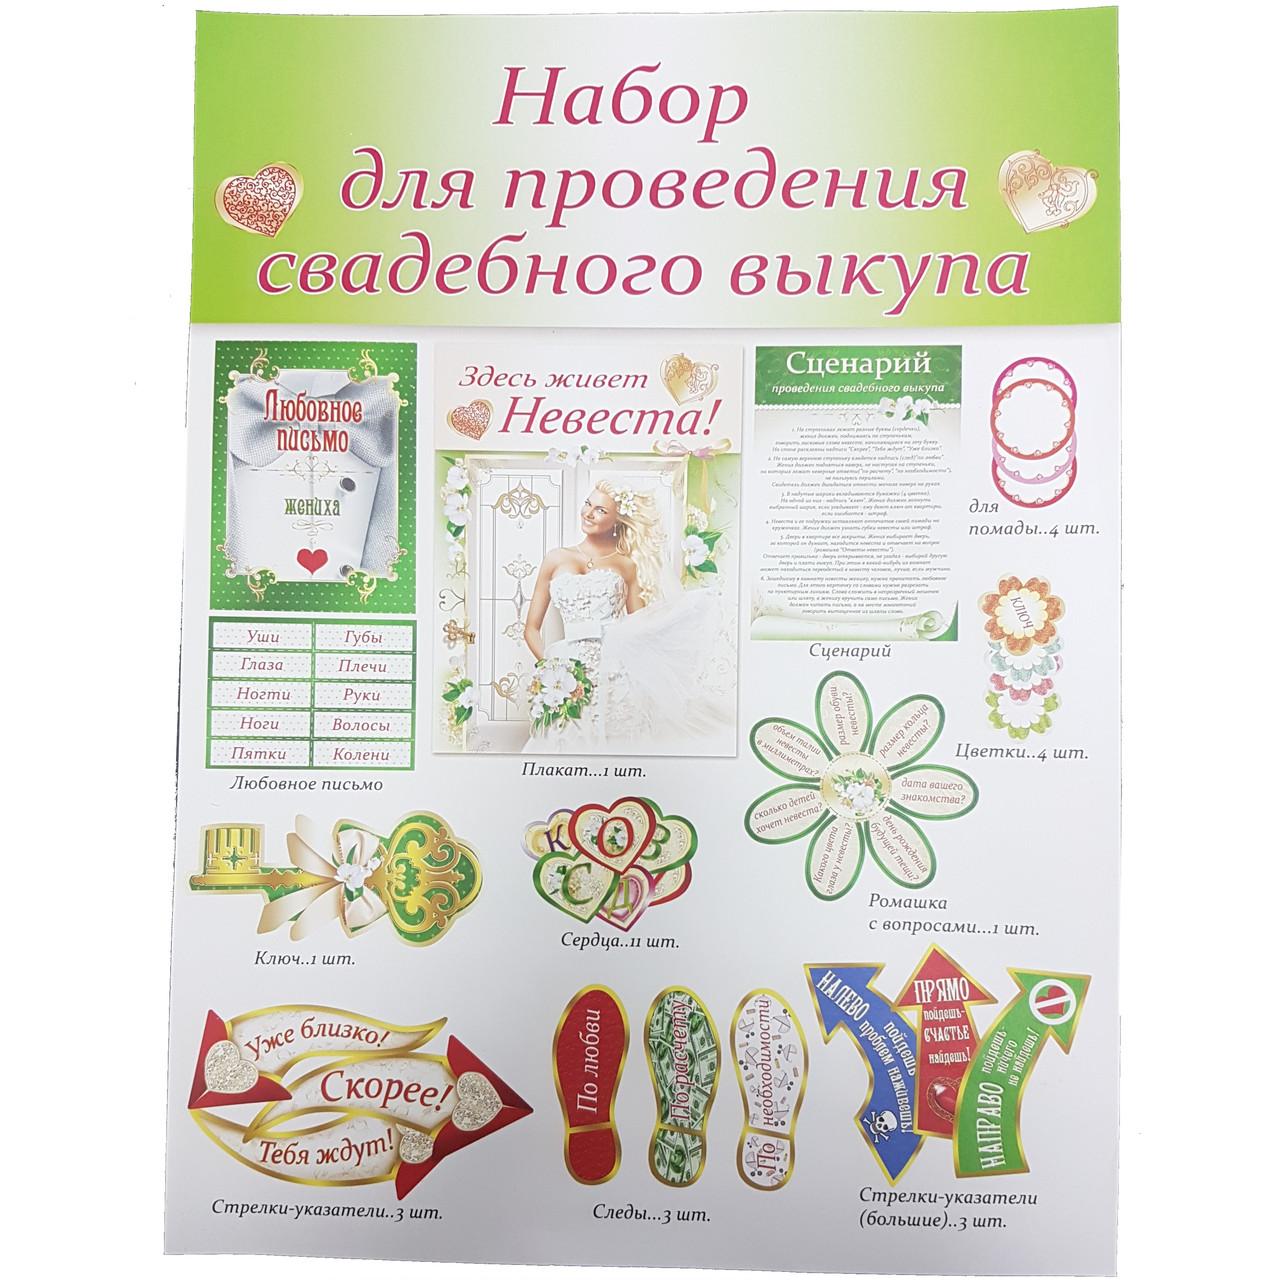 Набор на выкуп №3 - Happy Day в Чернигове